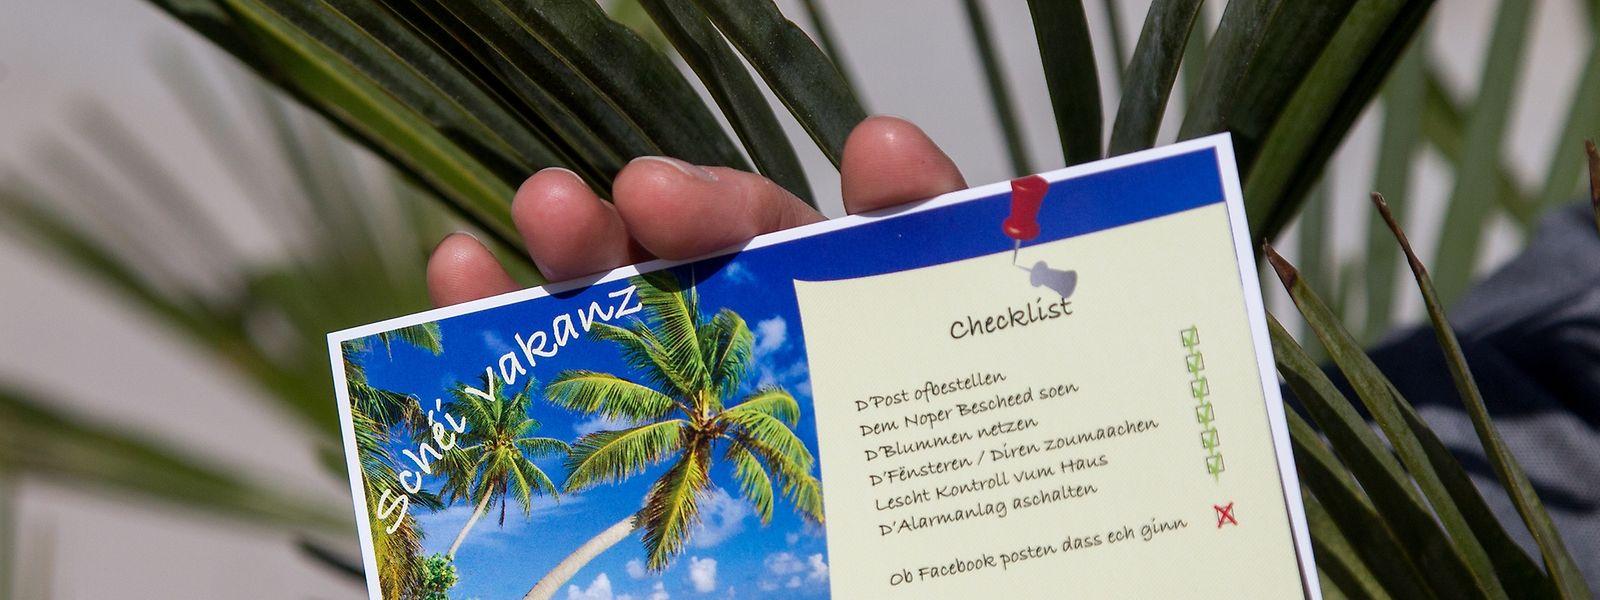 Unter anderem mit diesen Checklist-Postkarten machen Polizei und ACL auf Gefahren aufmerksam, die einen Einbruch begünstigen könnten.